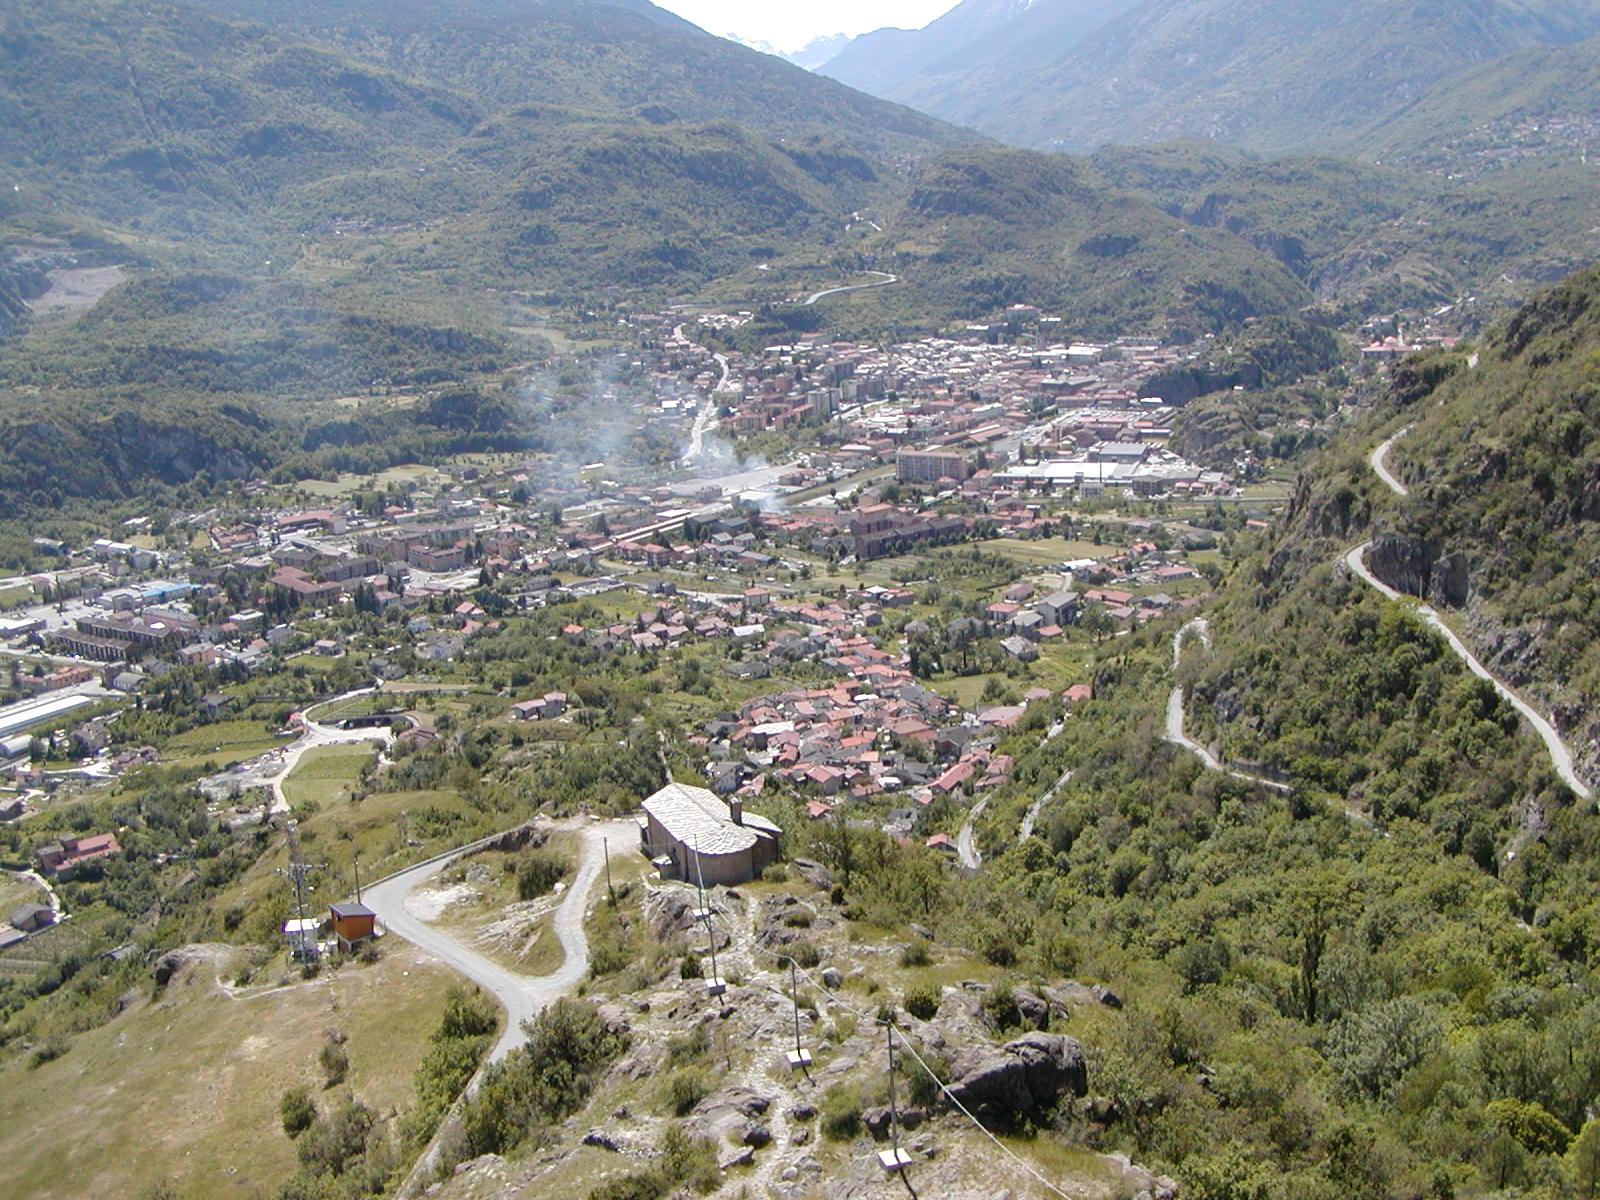 Foto panoramica cima torre: lato città di Susa